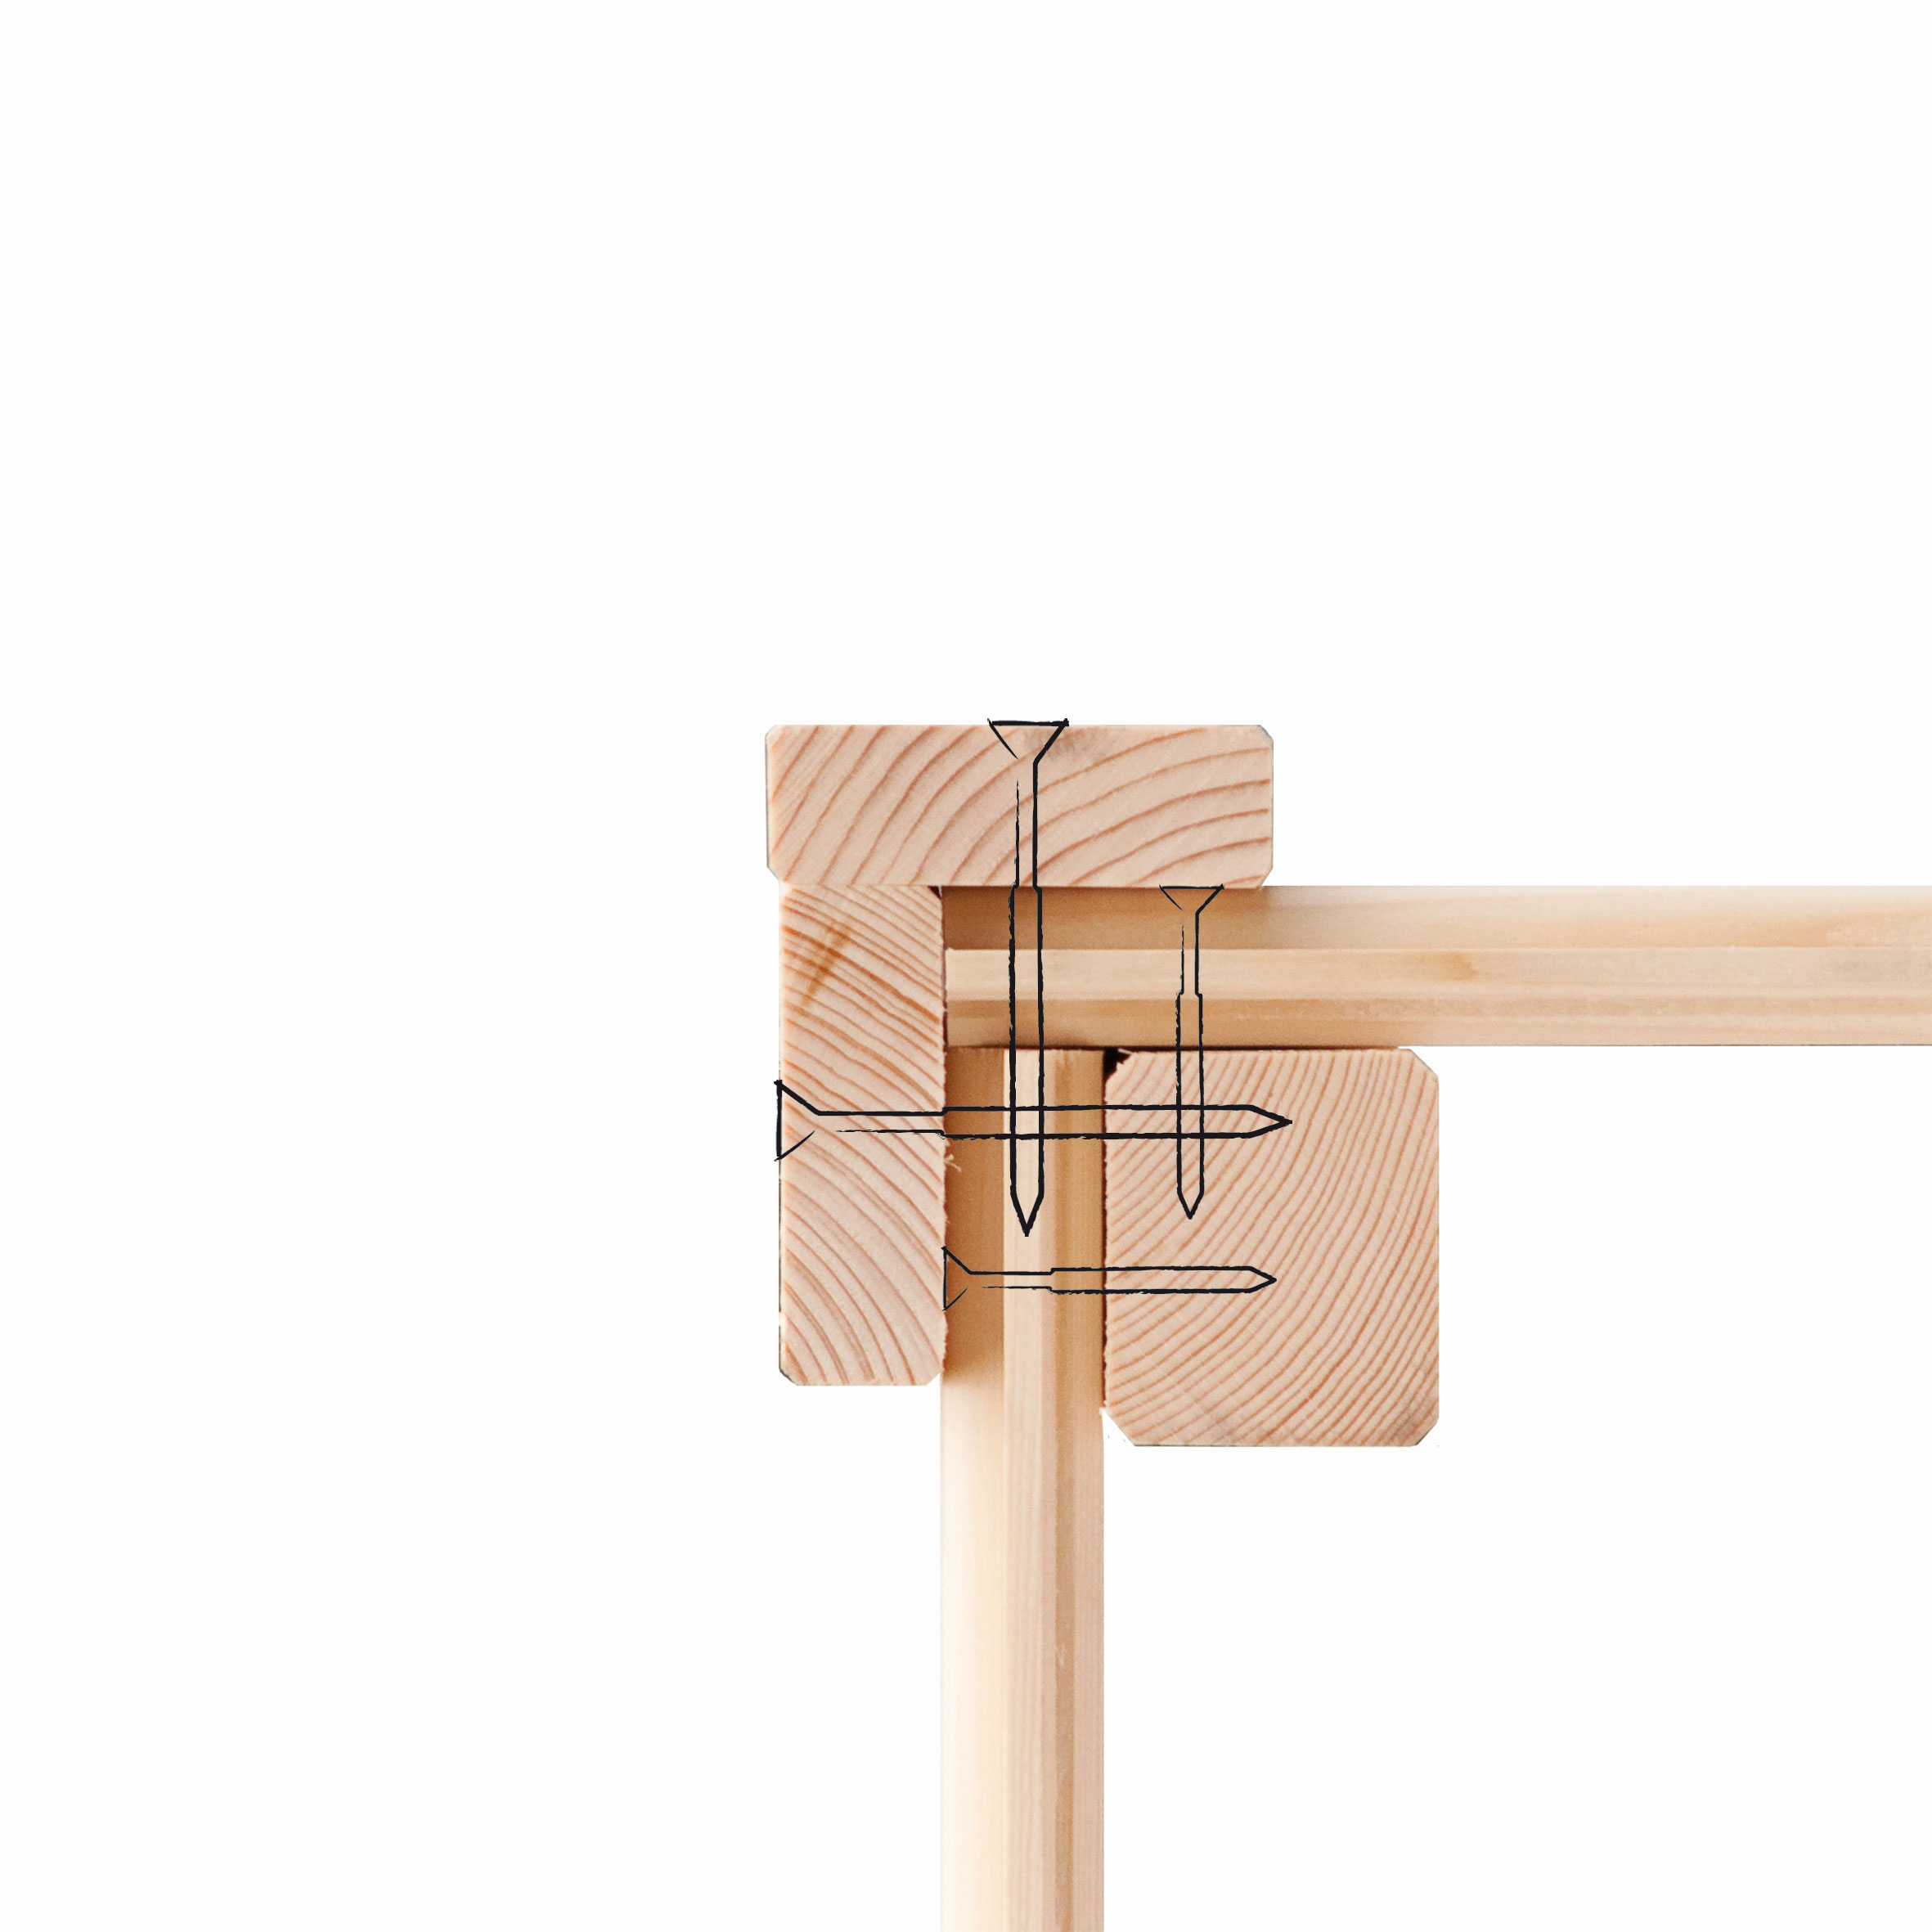 Hochbeet 19 mm Karibu 2 mit Schrankoption sandbeige 173x89x82cm Bild 4